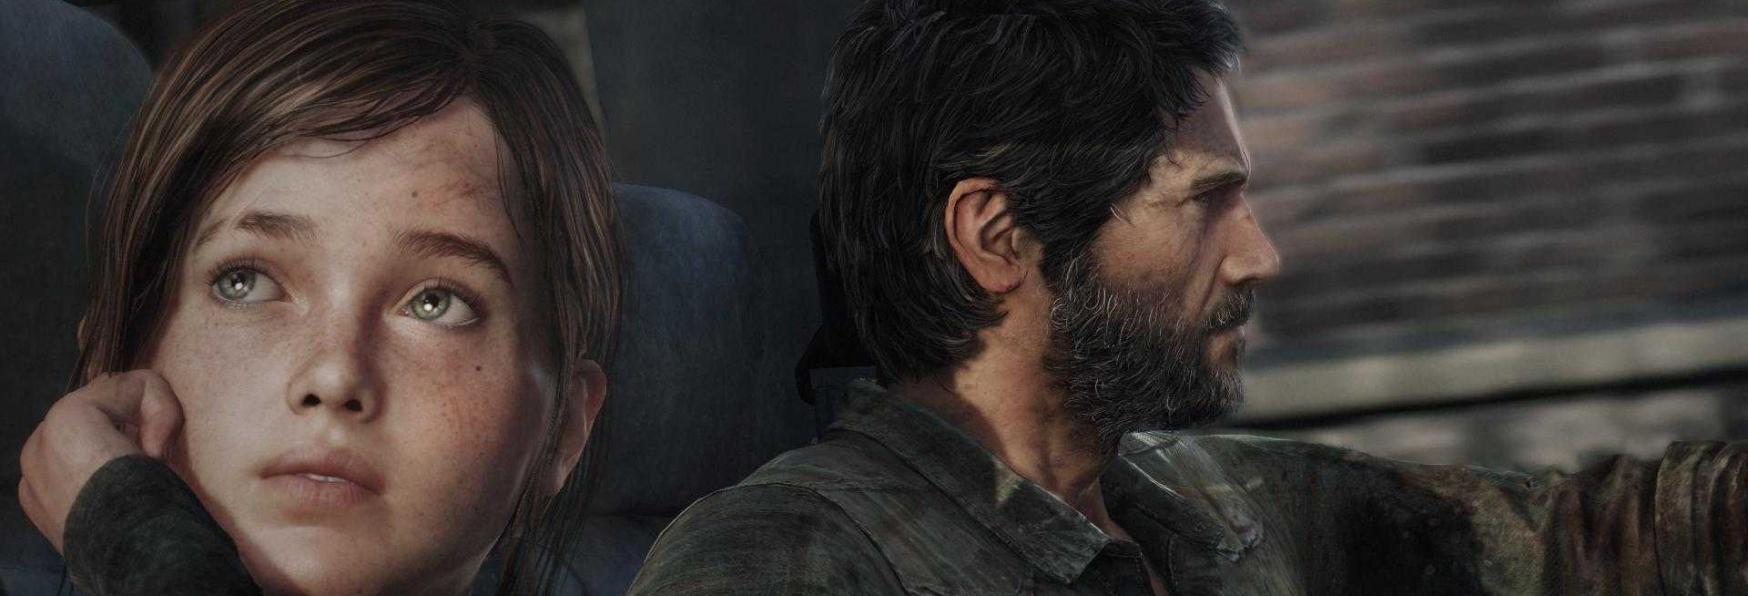 The Last of Us: nella Serie TV HBO vedremo Contenuti Eliminati dal Videogioco